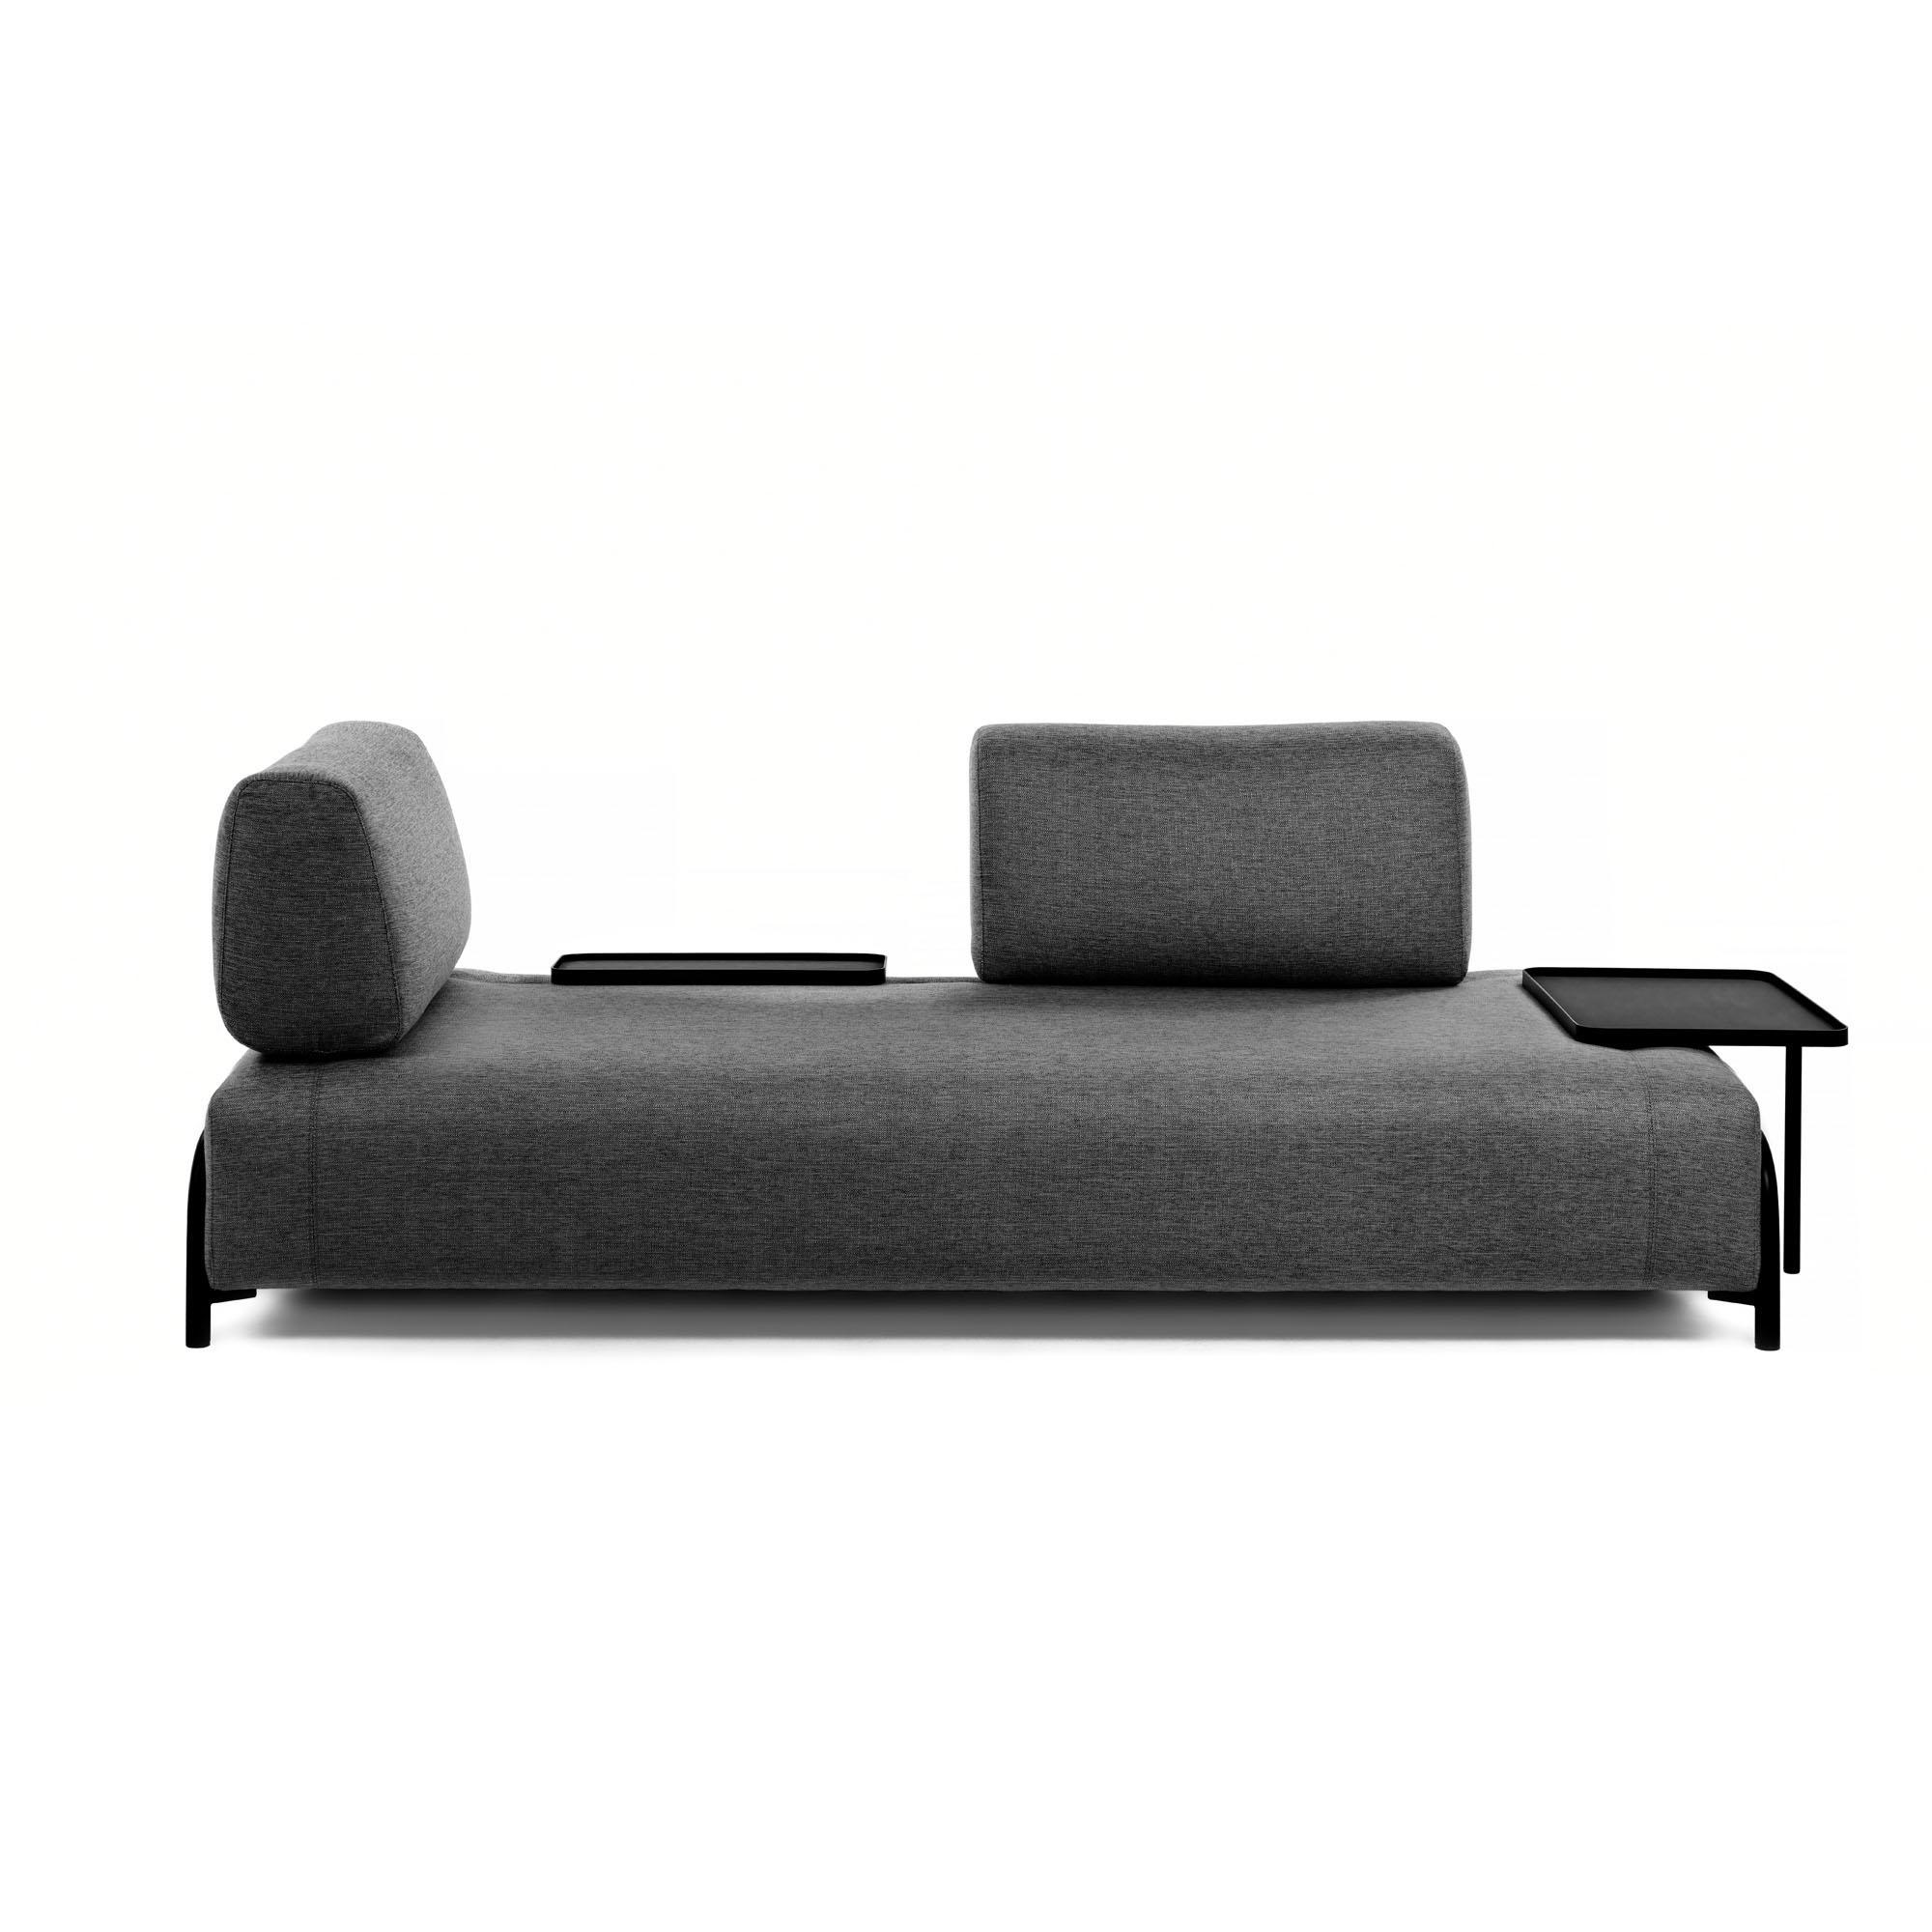 La forma трехместный диван compo серый 127907/4